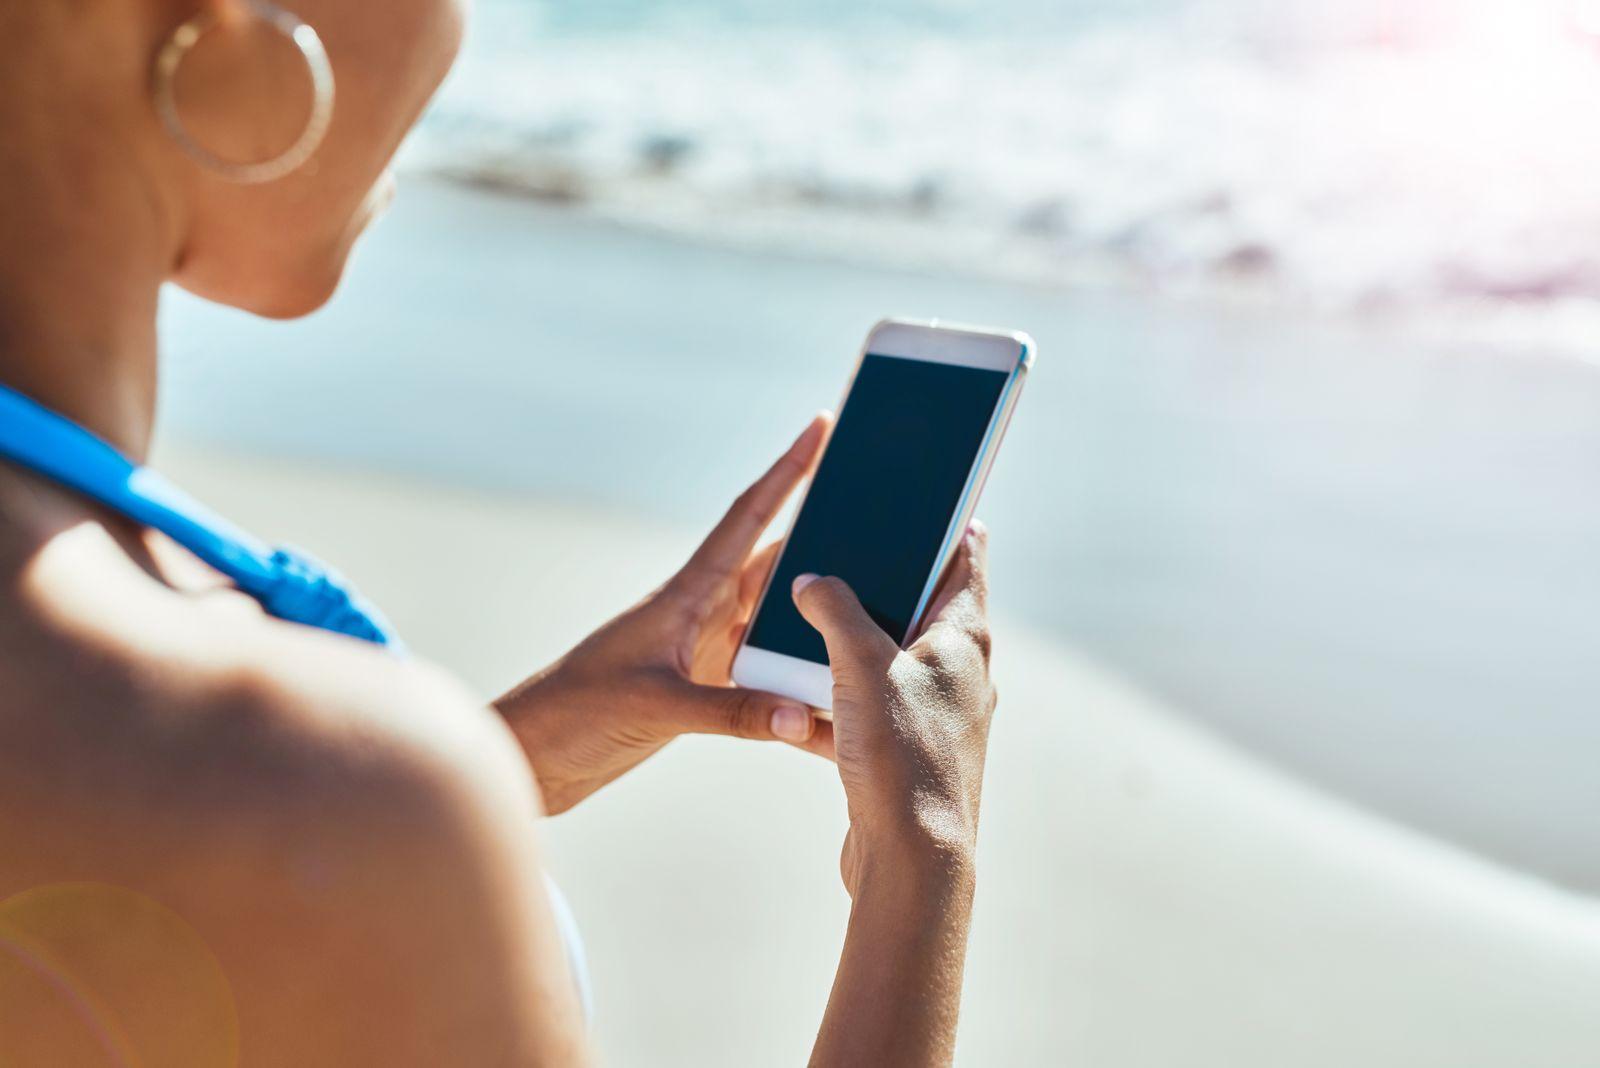 Summer, the season for sharing on social media